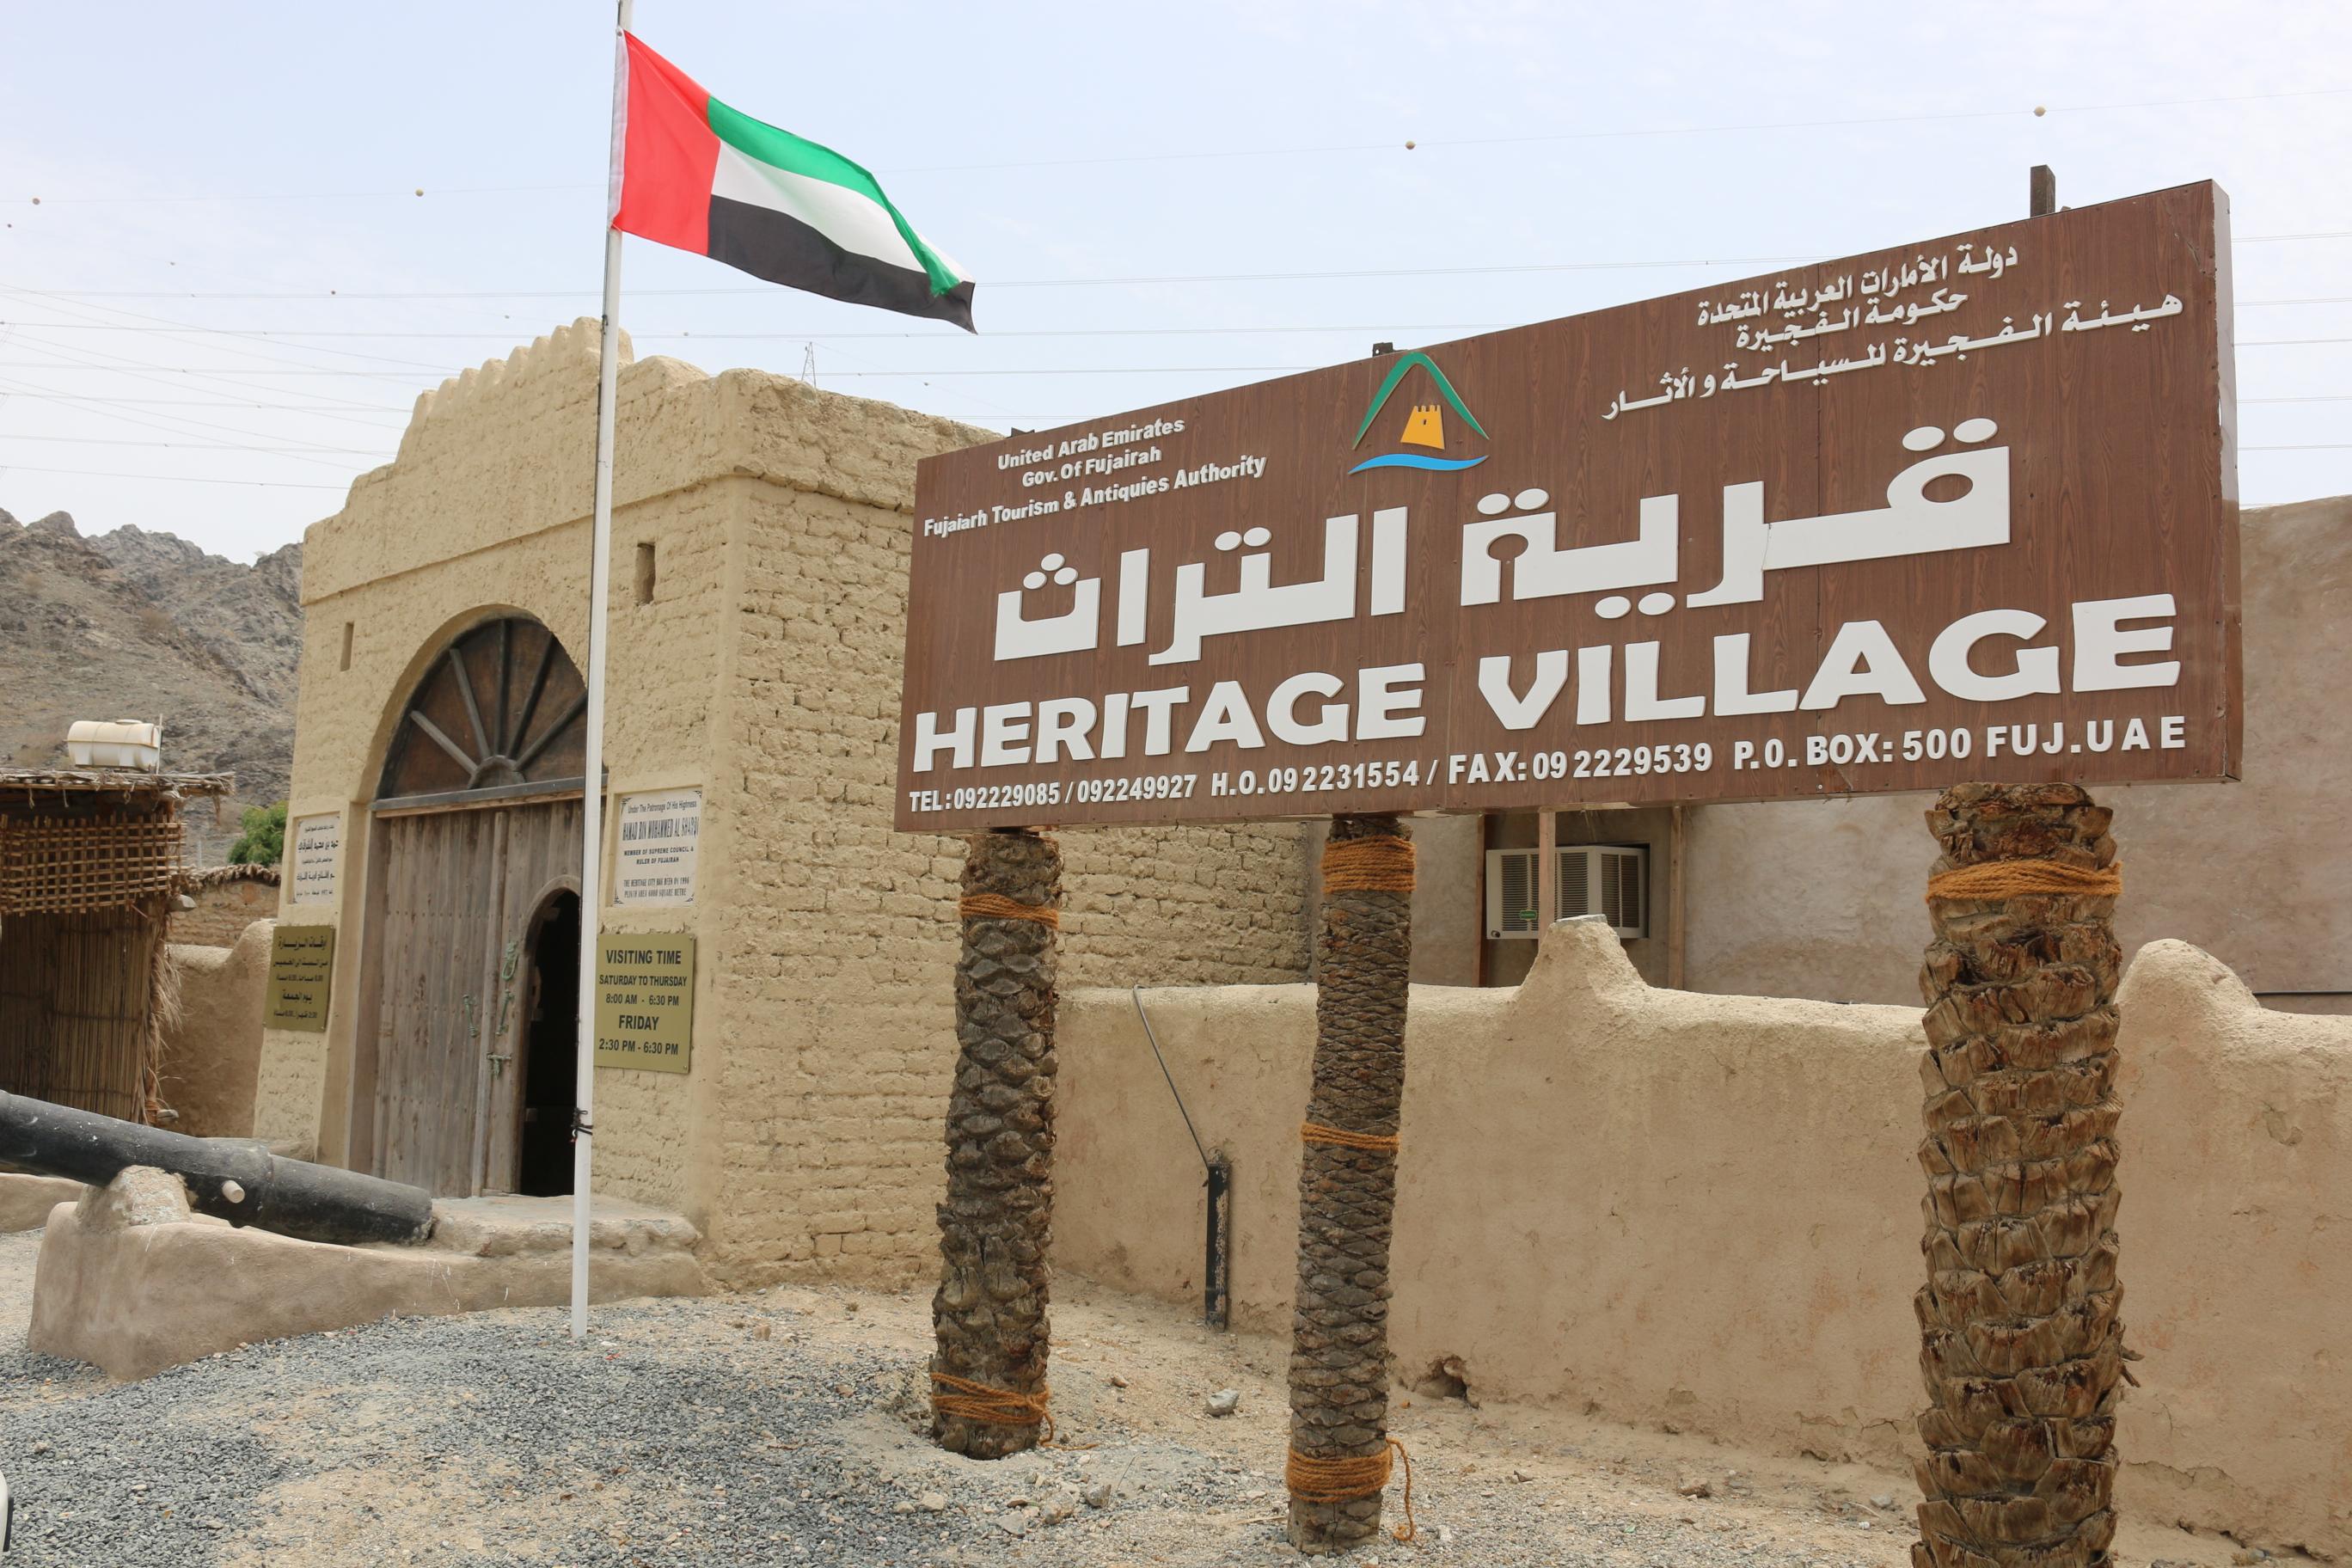 القرية التراثية بمضب تحكي تاريخ أهل إمارة الفجيرة